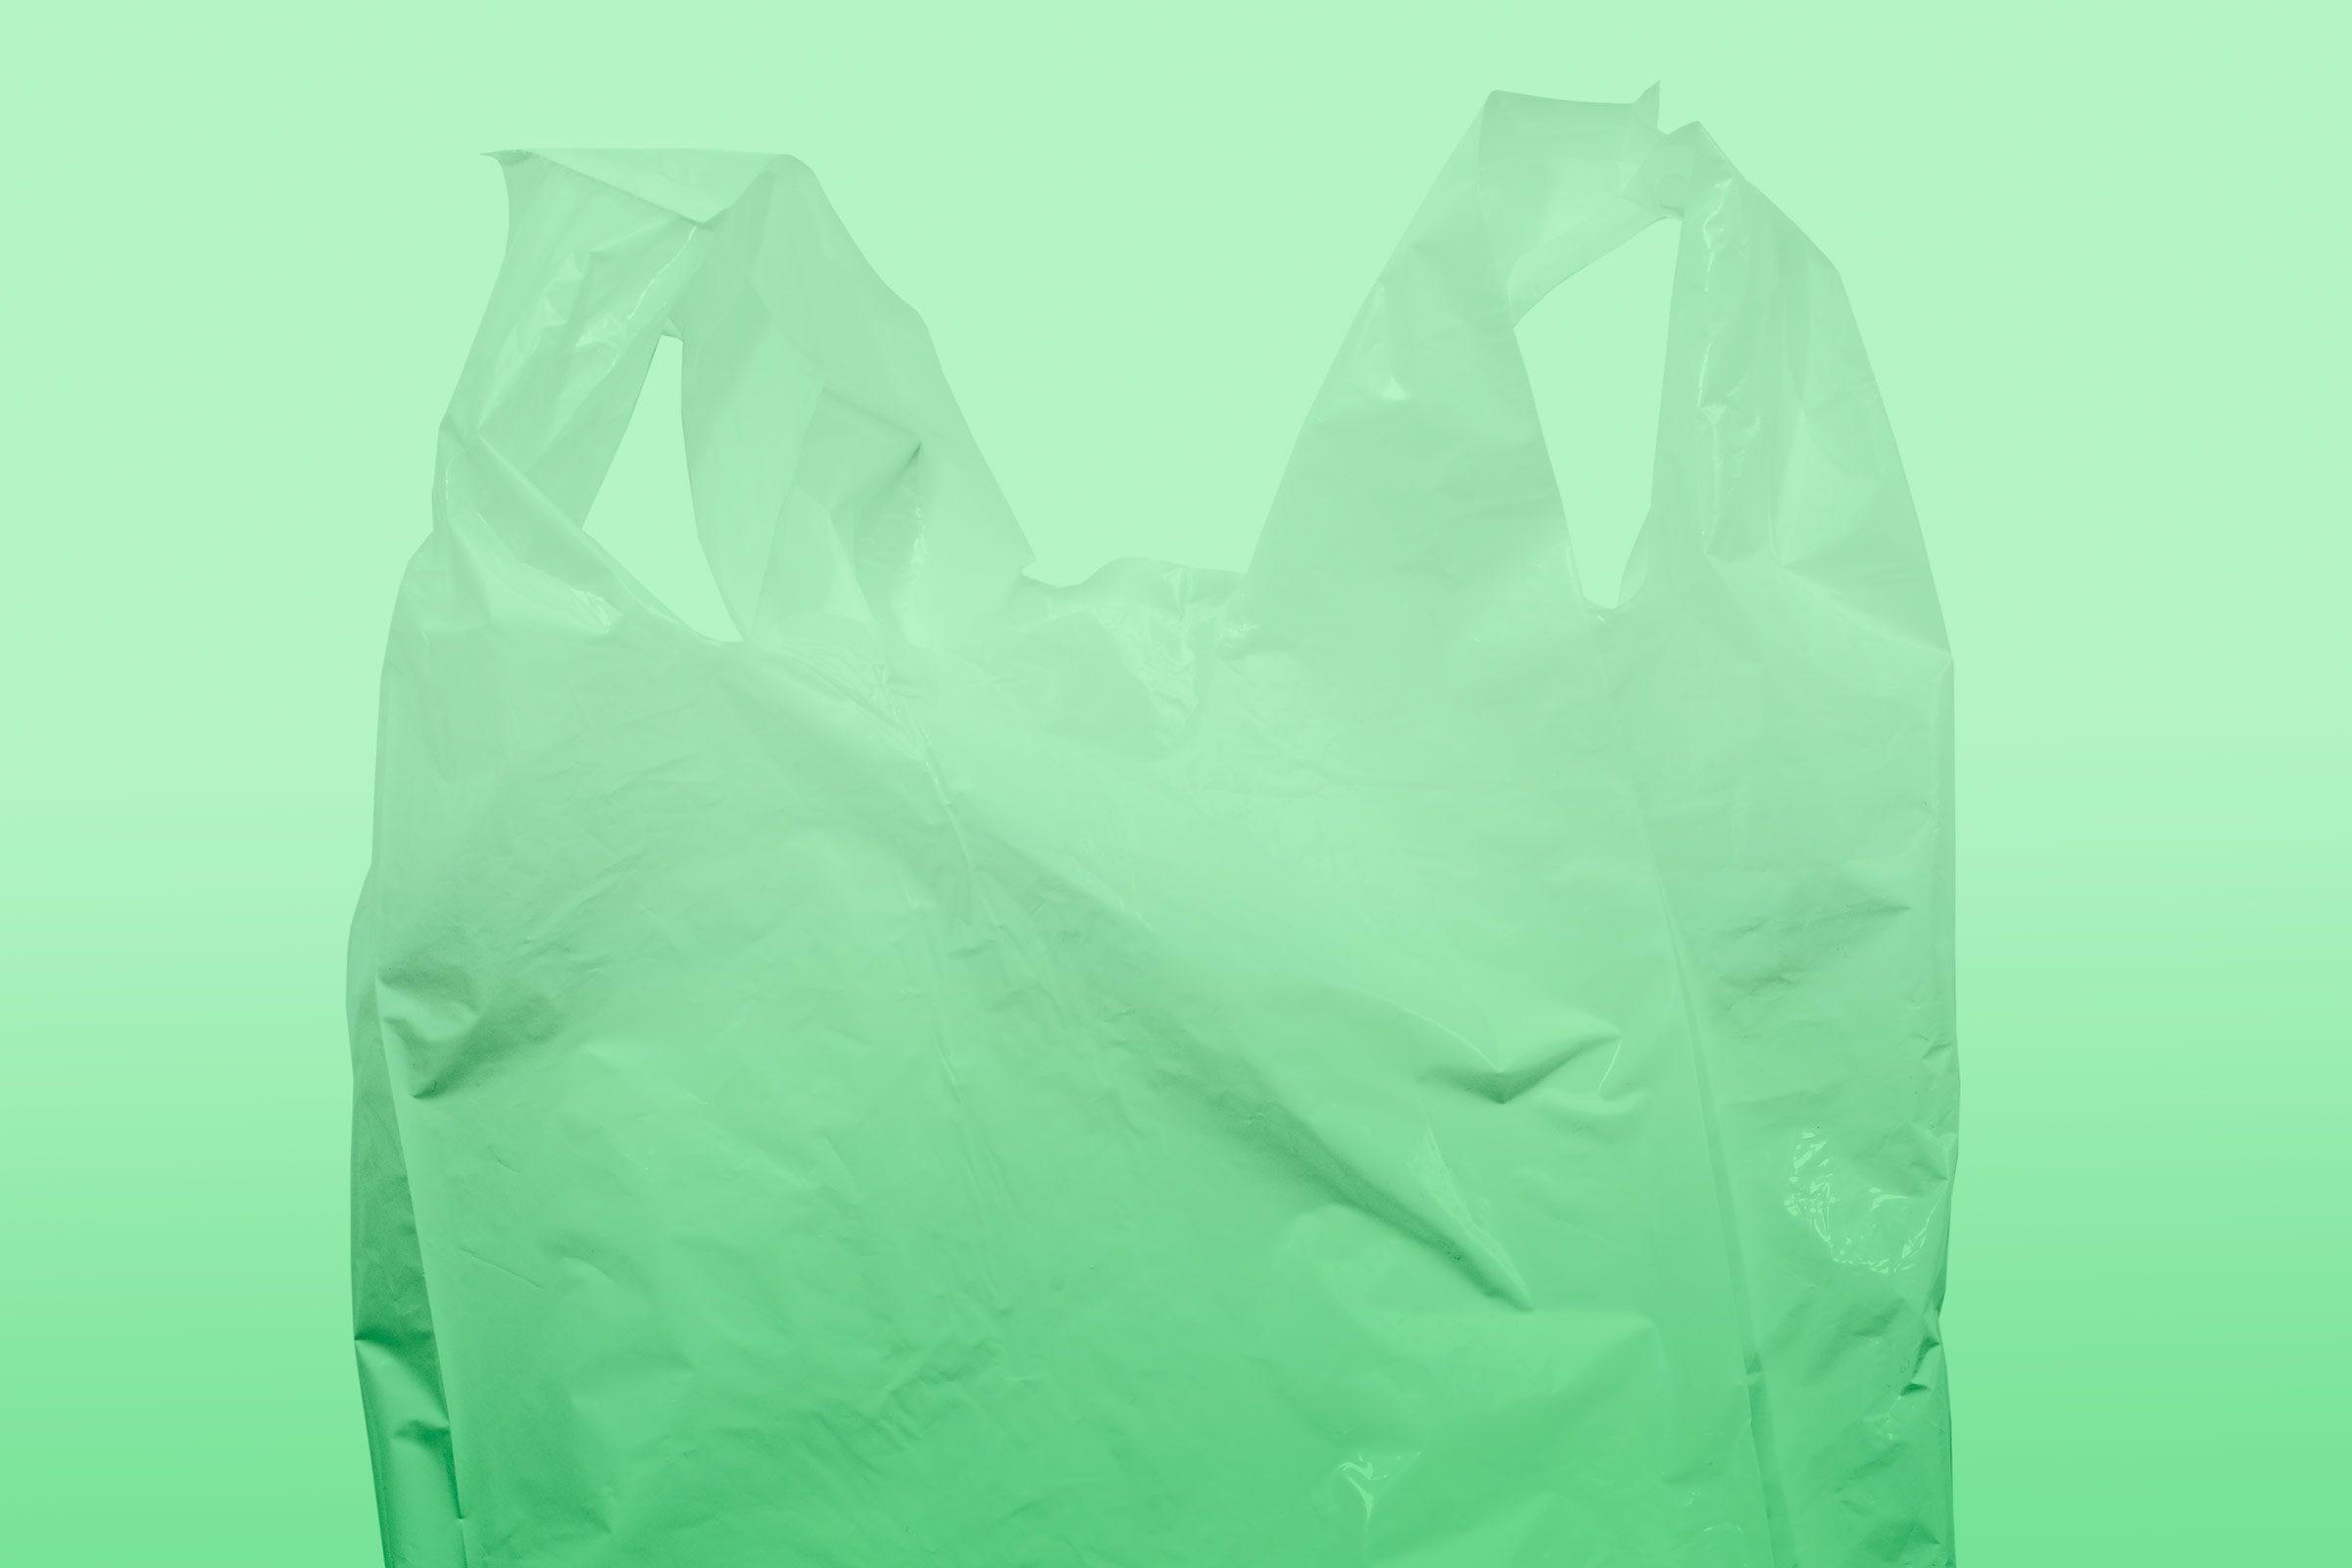 Patient belonging bag